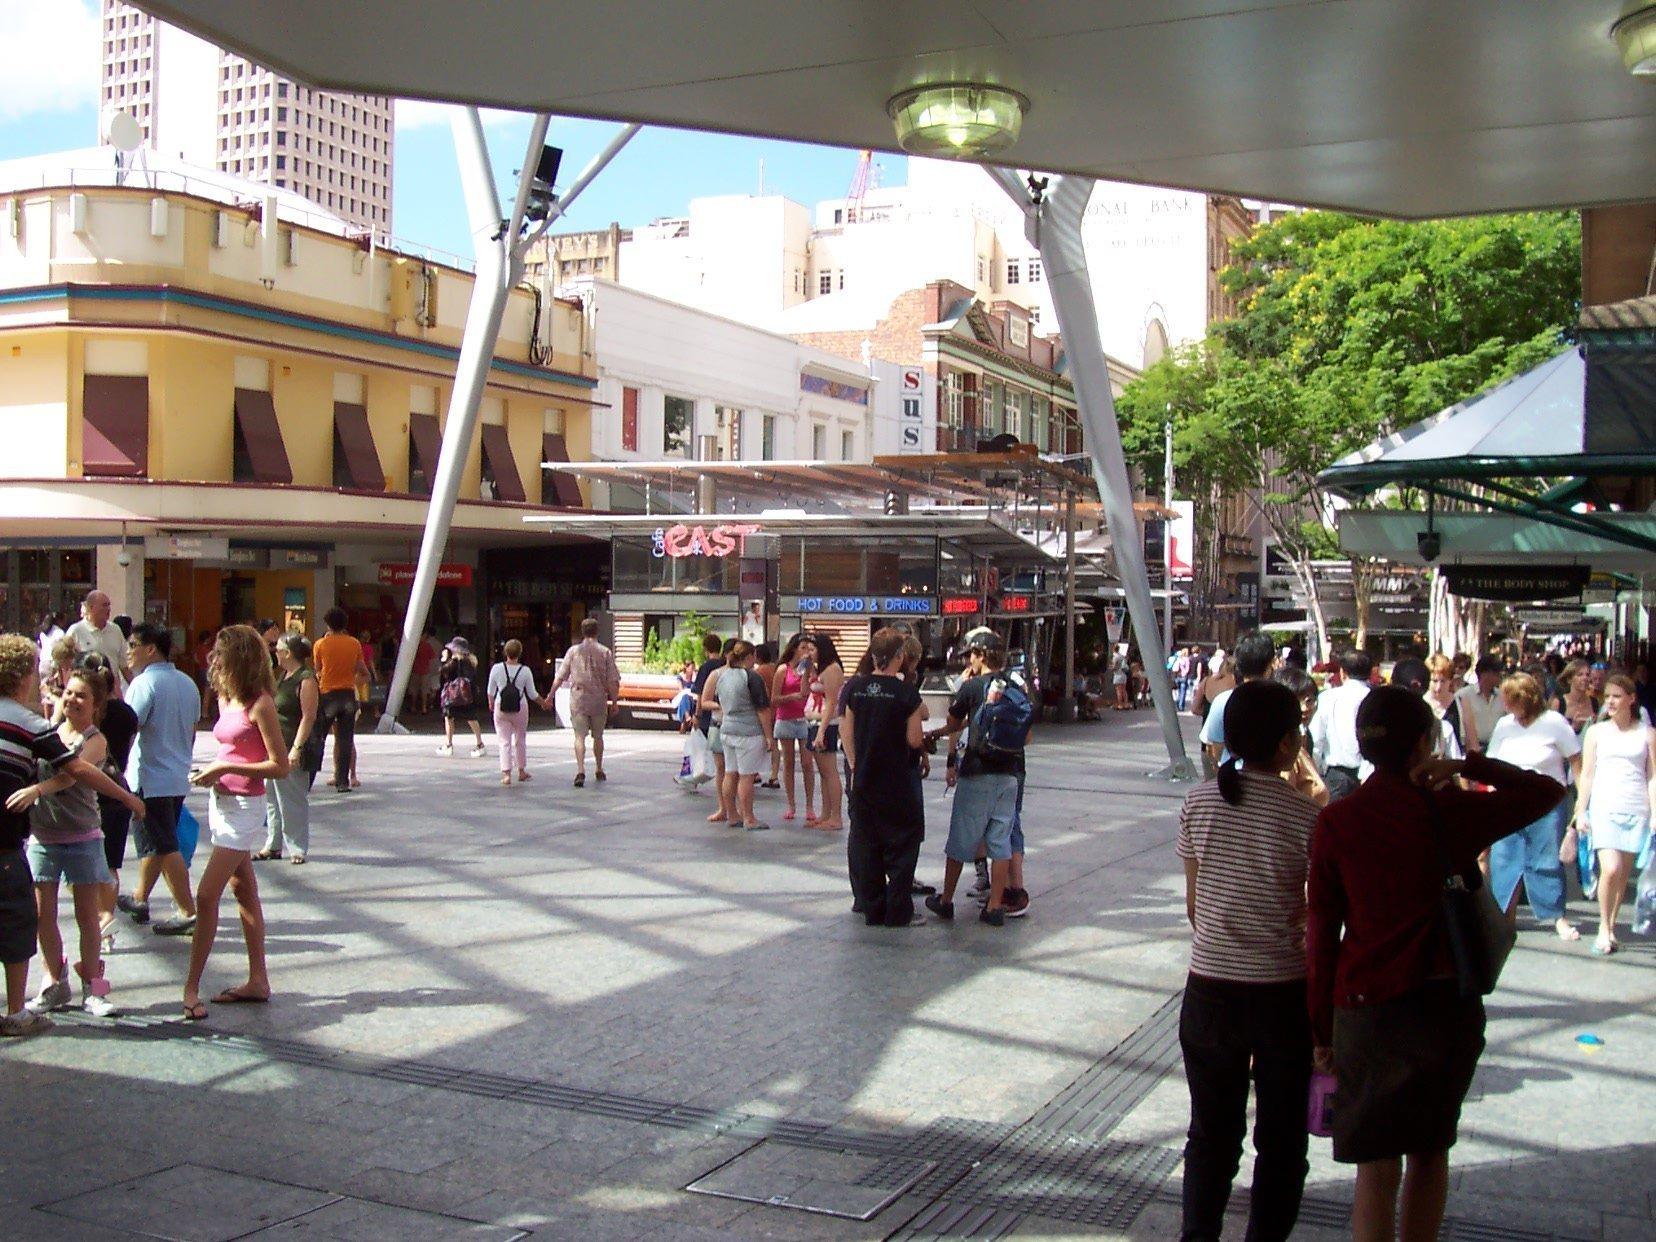 Queen st mall Brisbane- Queen st mall shops